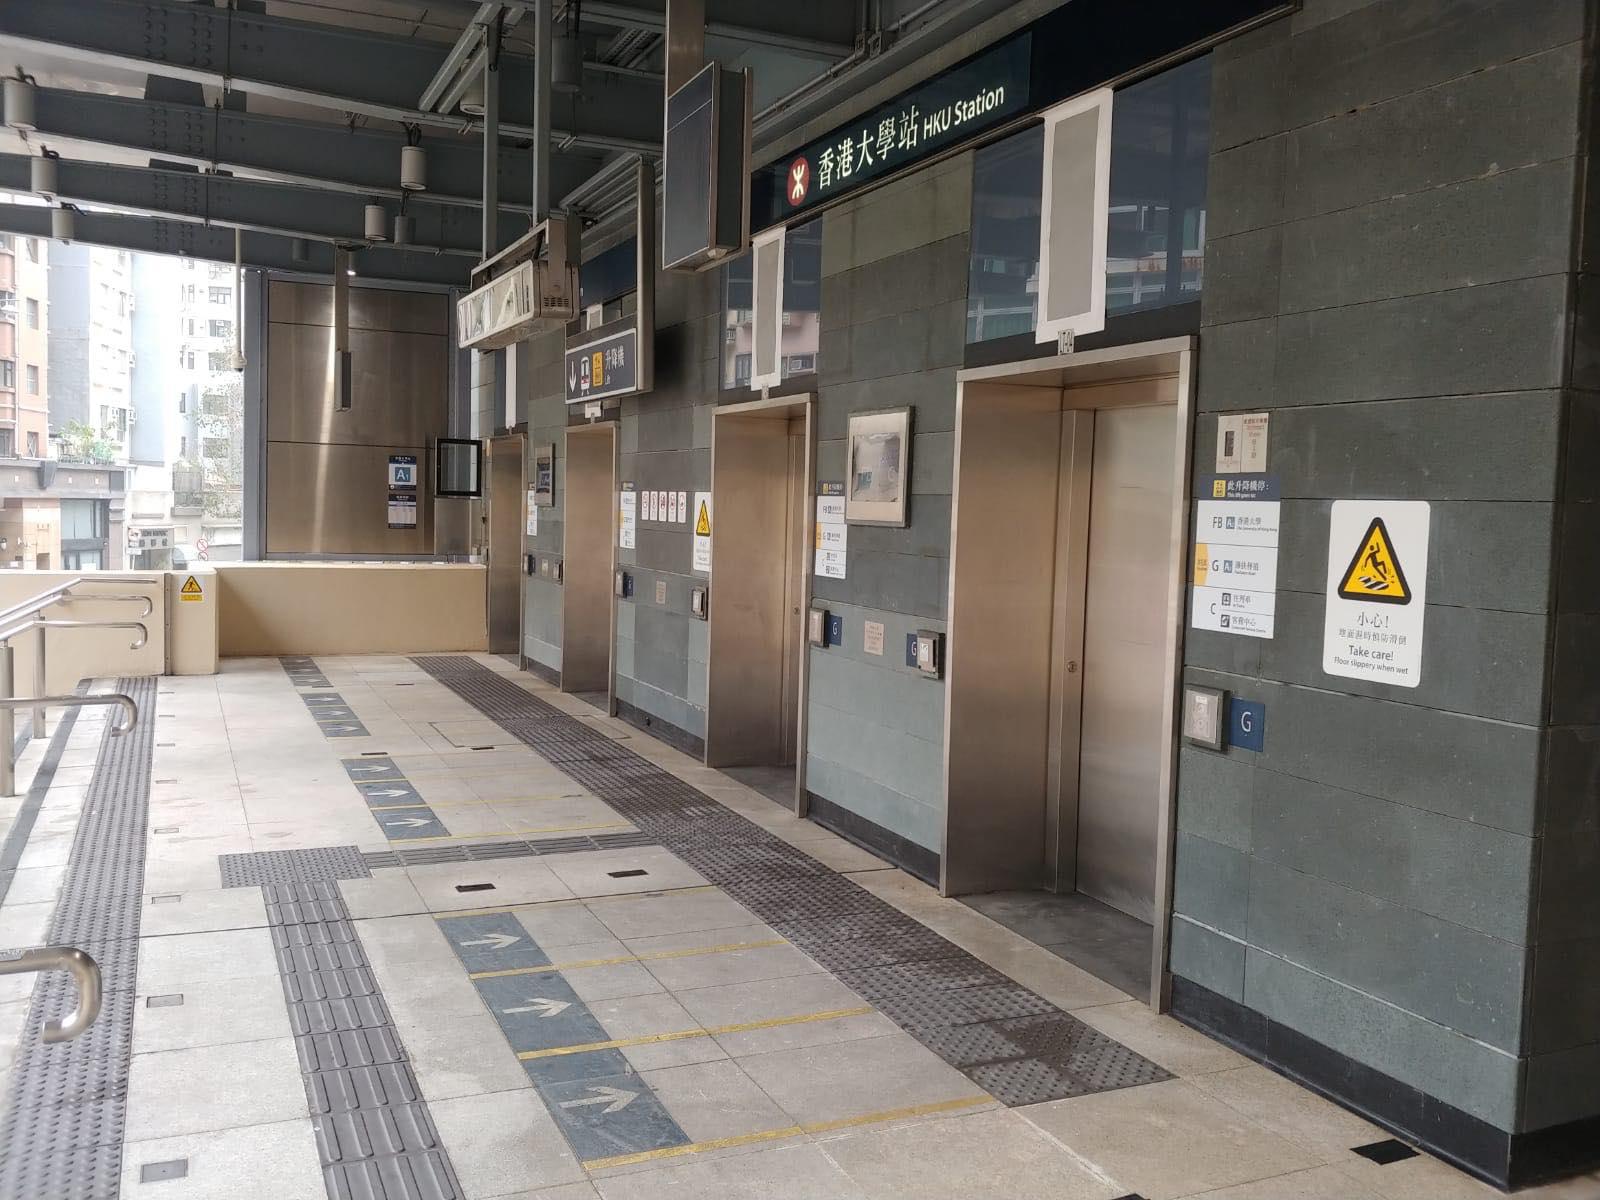 【交通消息】港大站薄扶林道A1出口於今日重開